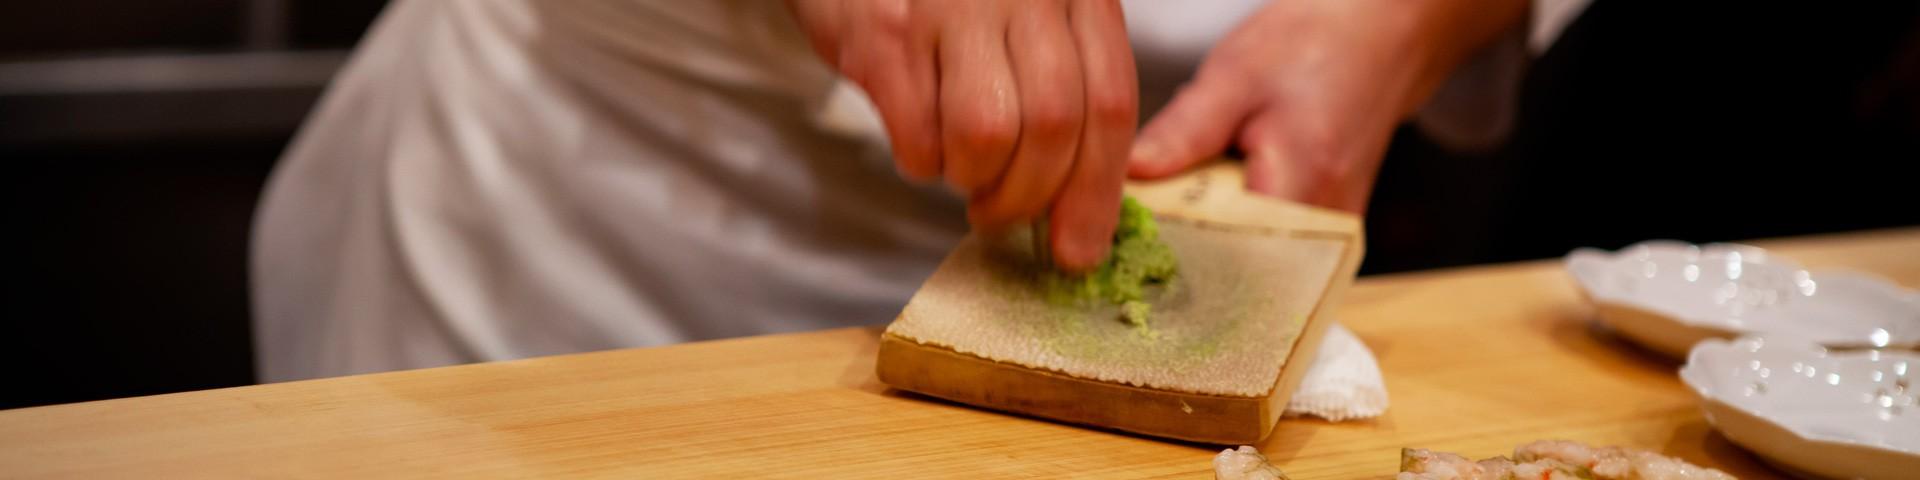 日本食品 | 香辛料・調味料 | 七味唐からし | さんしょうの粉 | 辣油 | カレー | むらさき ごはんですよ